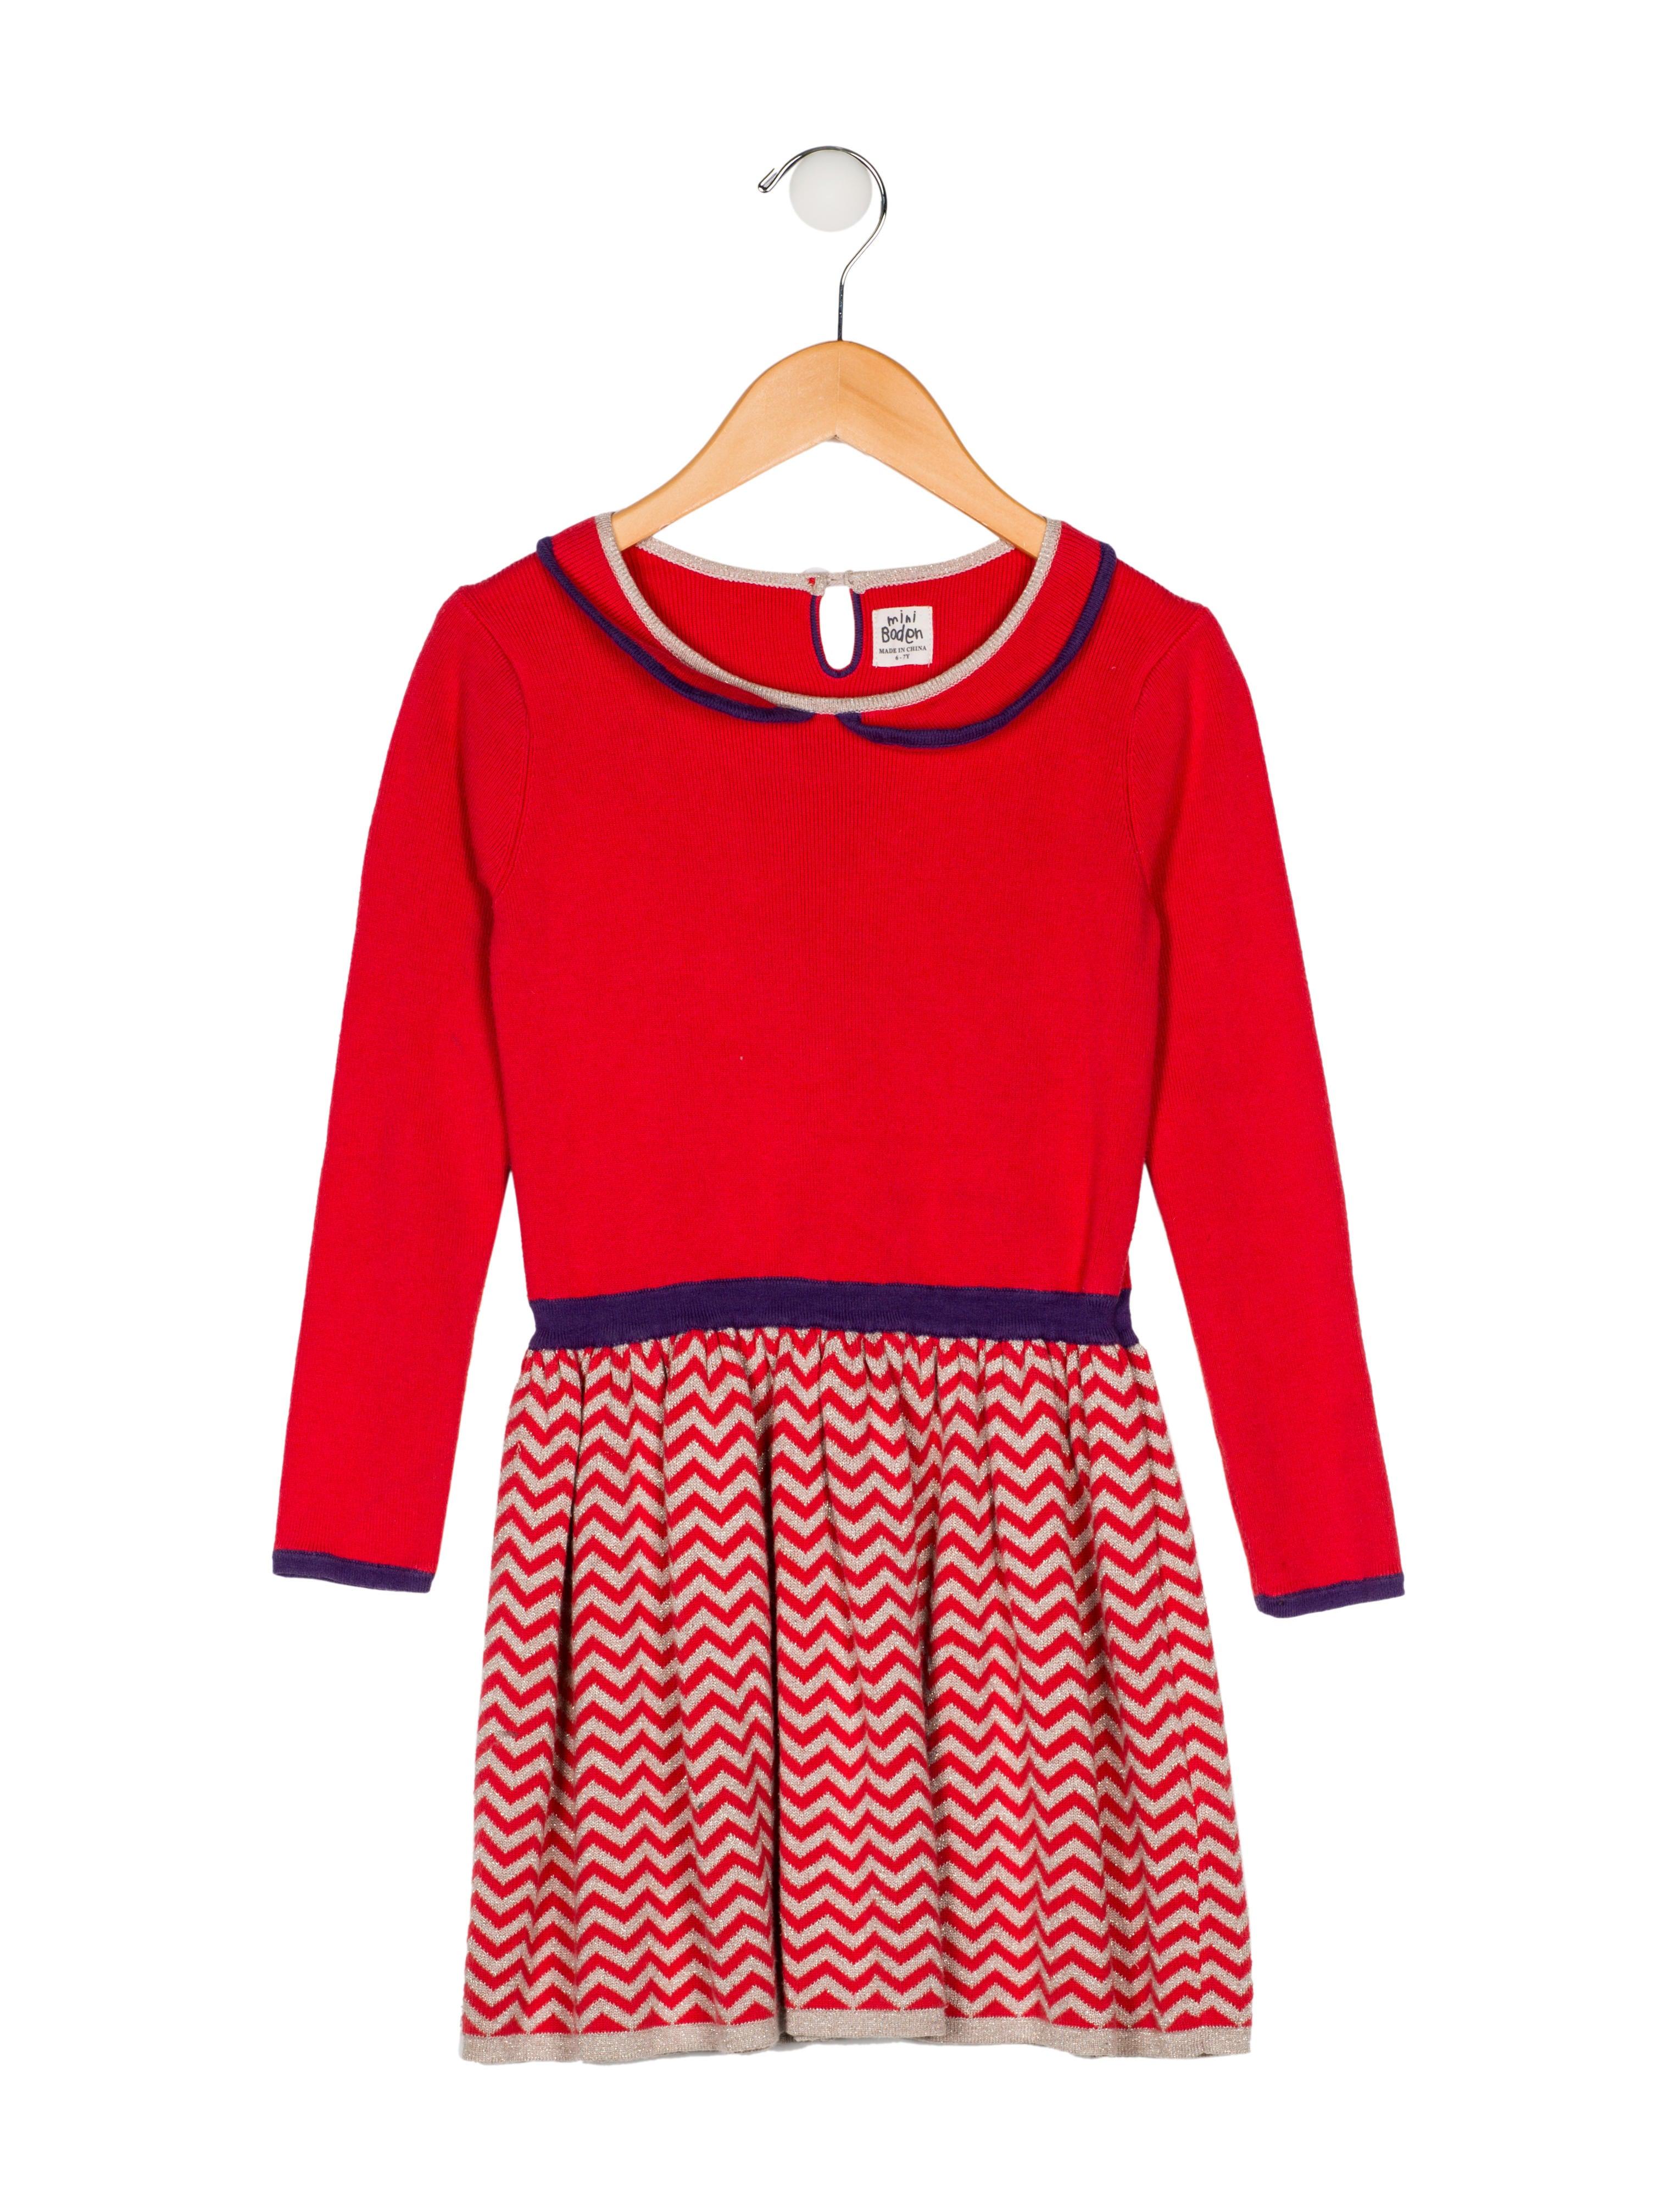 c0f6dffb6fee Mini Boden Girls' Knit Flare Dress - Girls - WMIBB20242   The RealReal